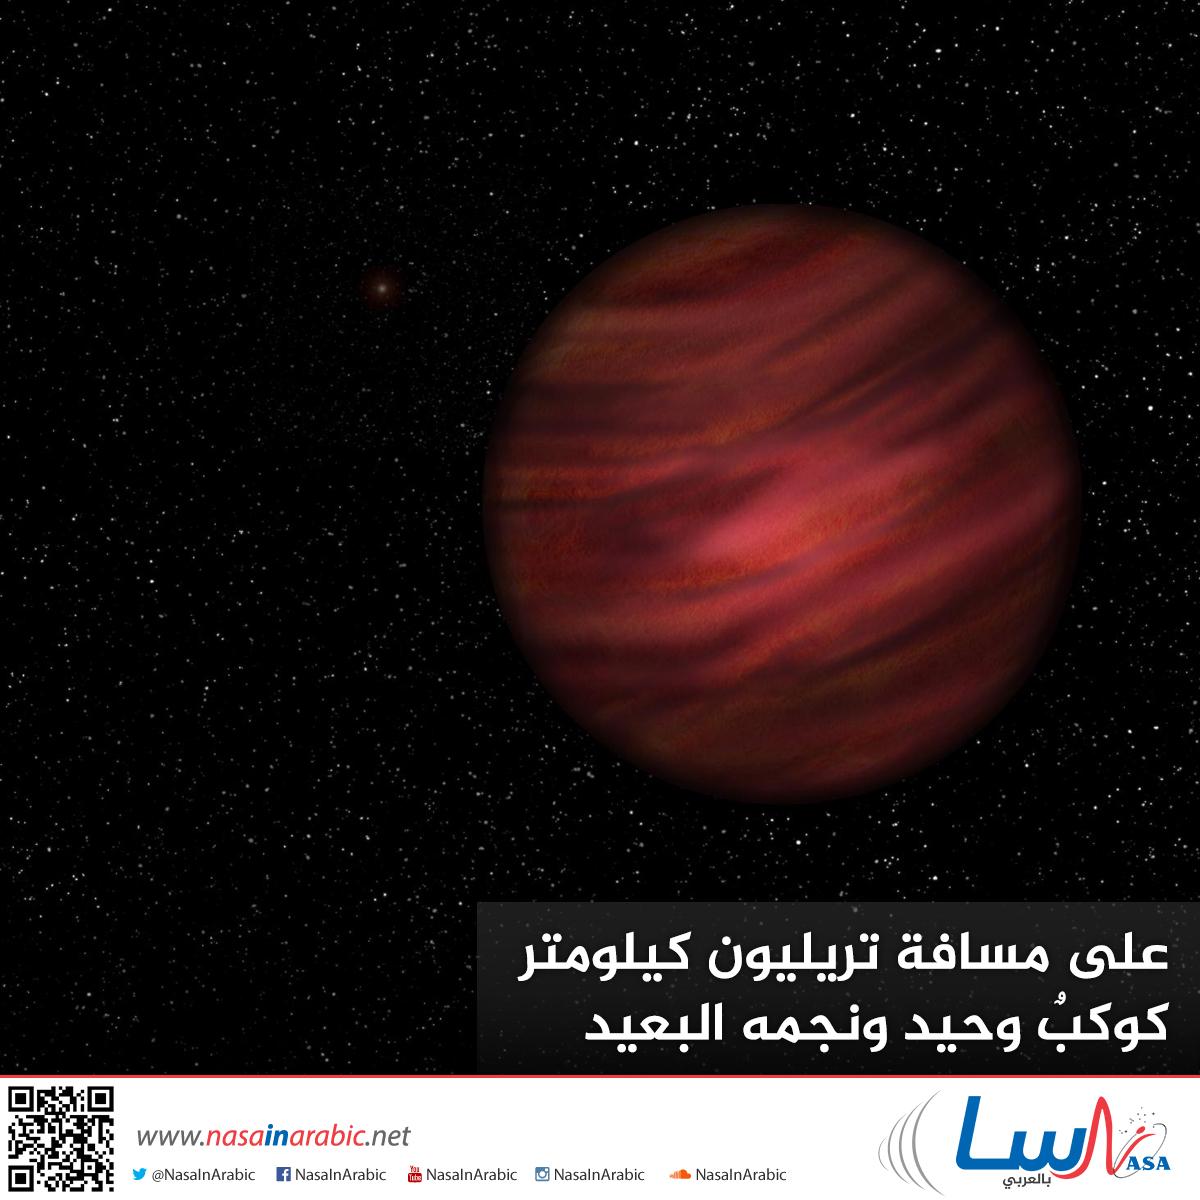 على مسافة تريليون كيلومتر— كوكبٌ وحيد ونجمه البعيد